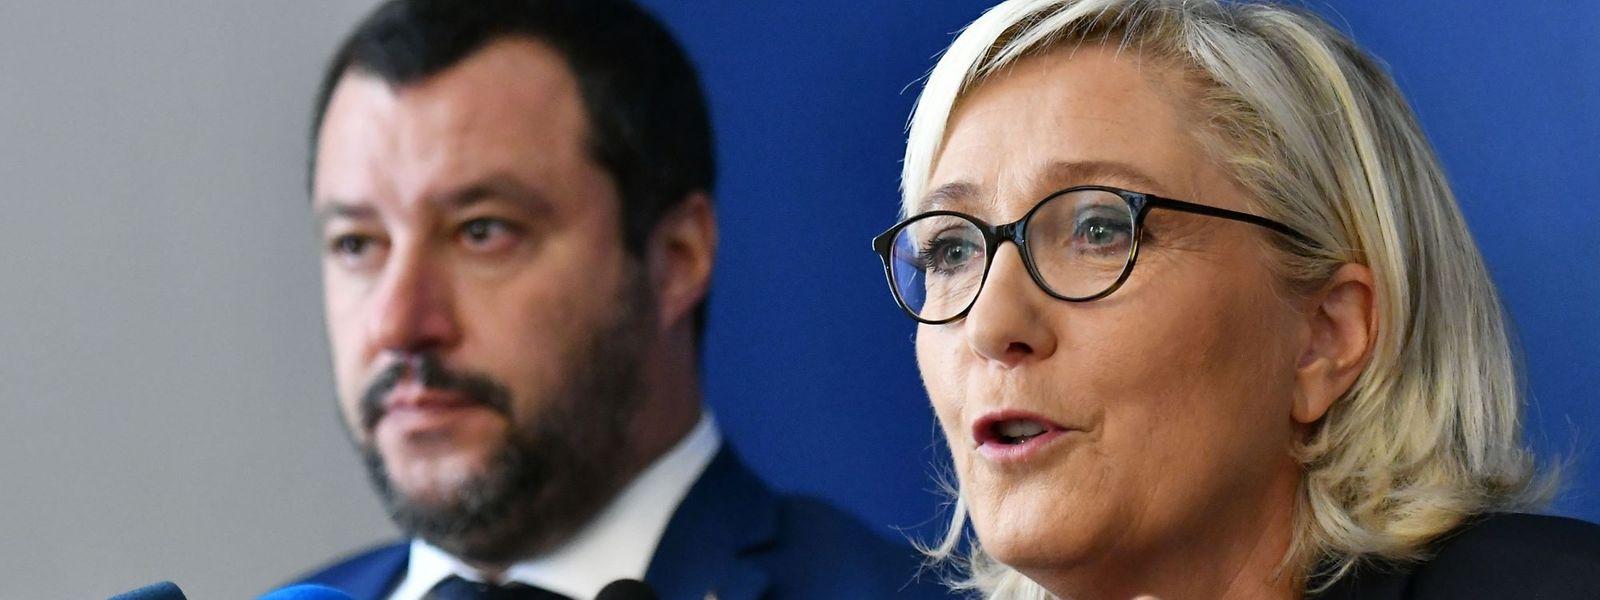 Marine Le Pen, hier mit dem italienischen Lega-Chef Matteo Salvini, könnte in einem Jahr die Präsidentschaftswahl in Frankreich gewinnen.